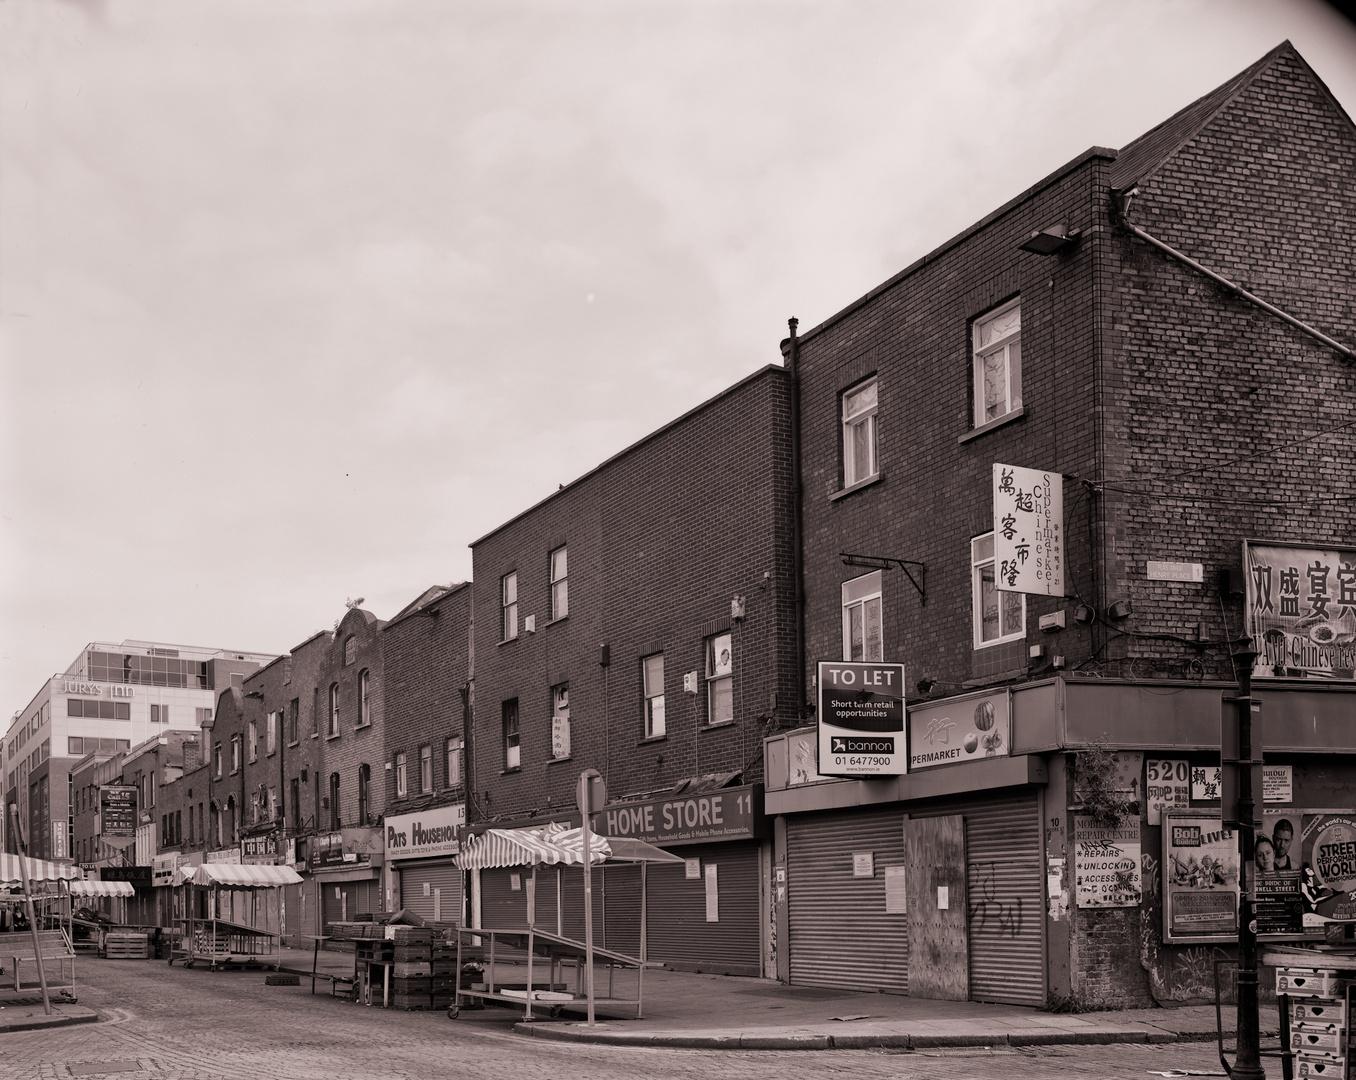 moore_street_films-10.jpg